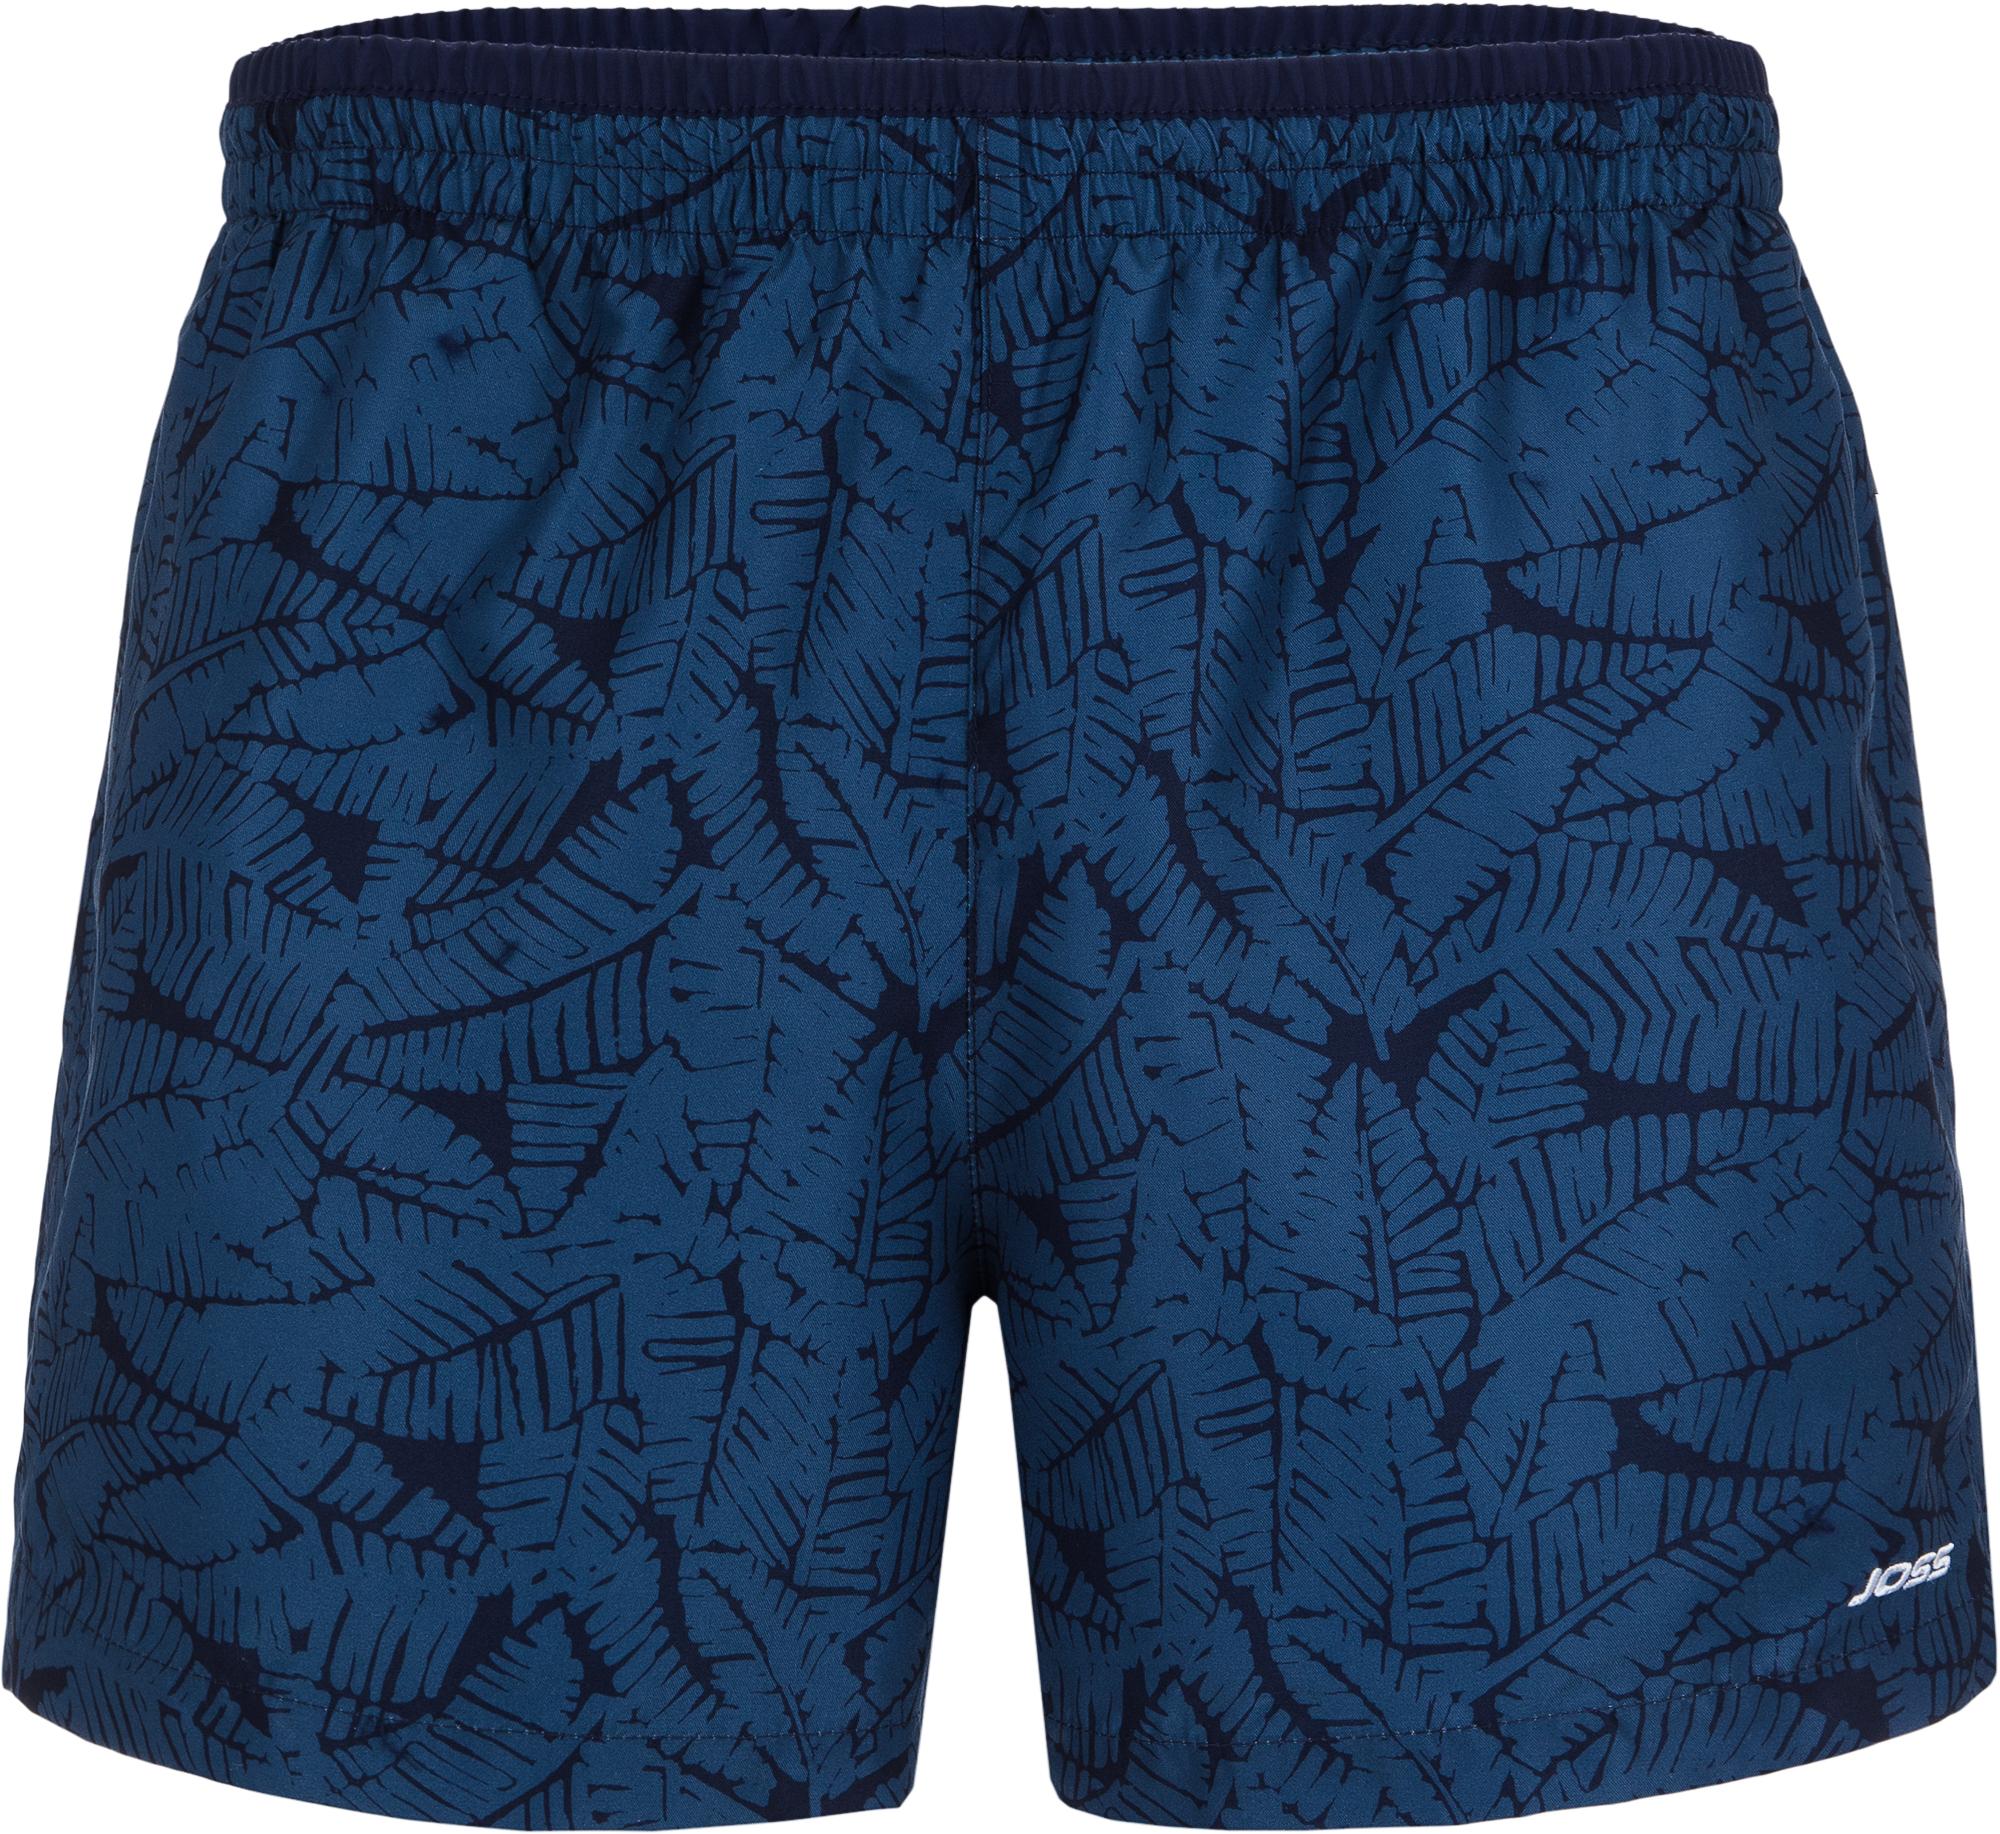 Joss Шорты плавательные мужские Joss, размер 56